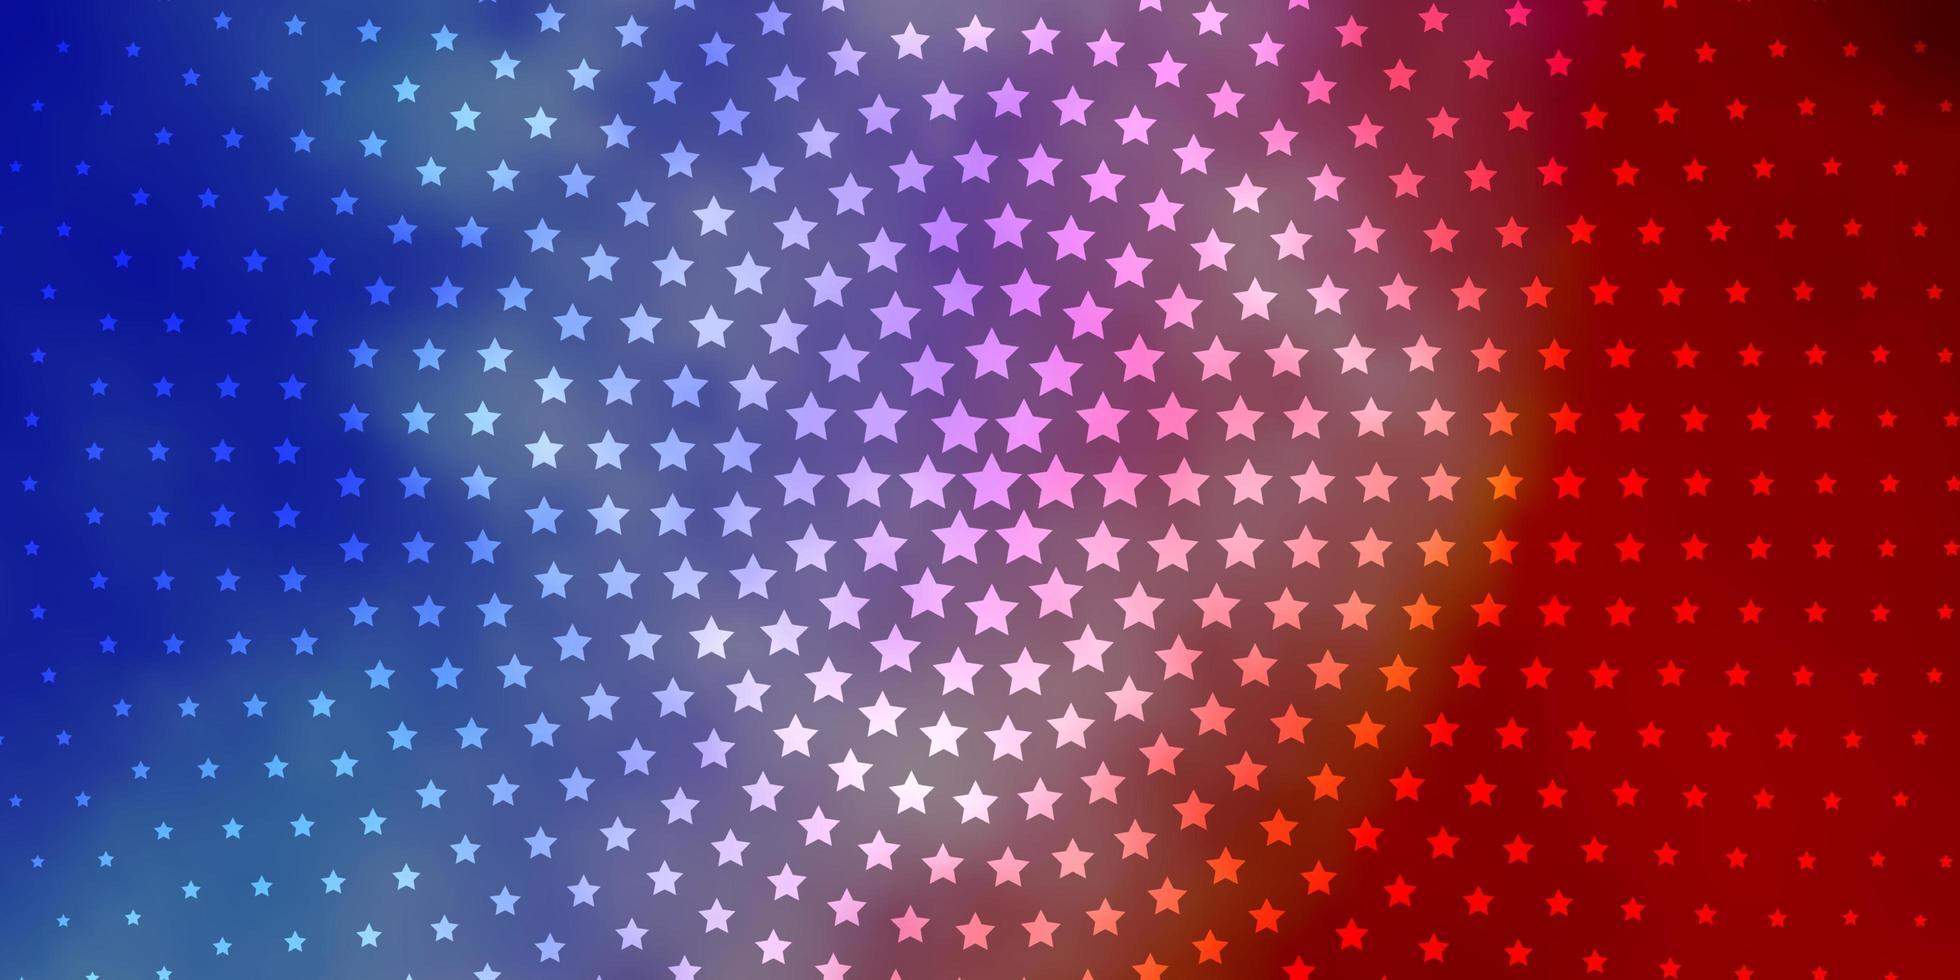 azzurro, layout rosso con stelle luminose. vettore